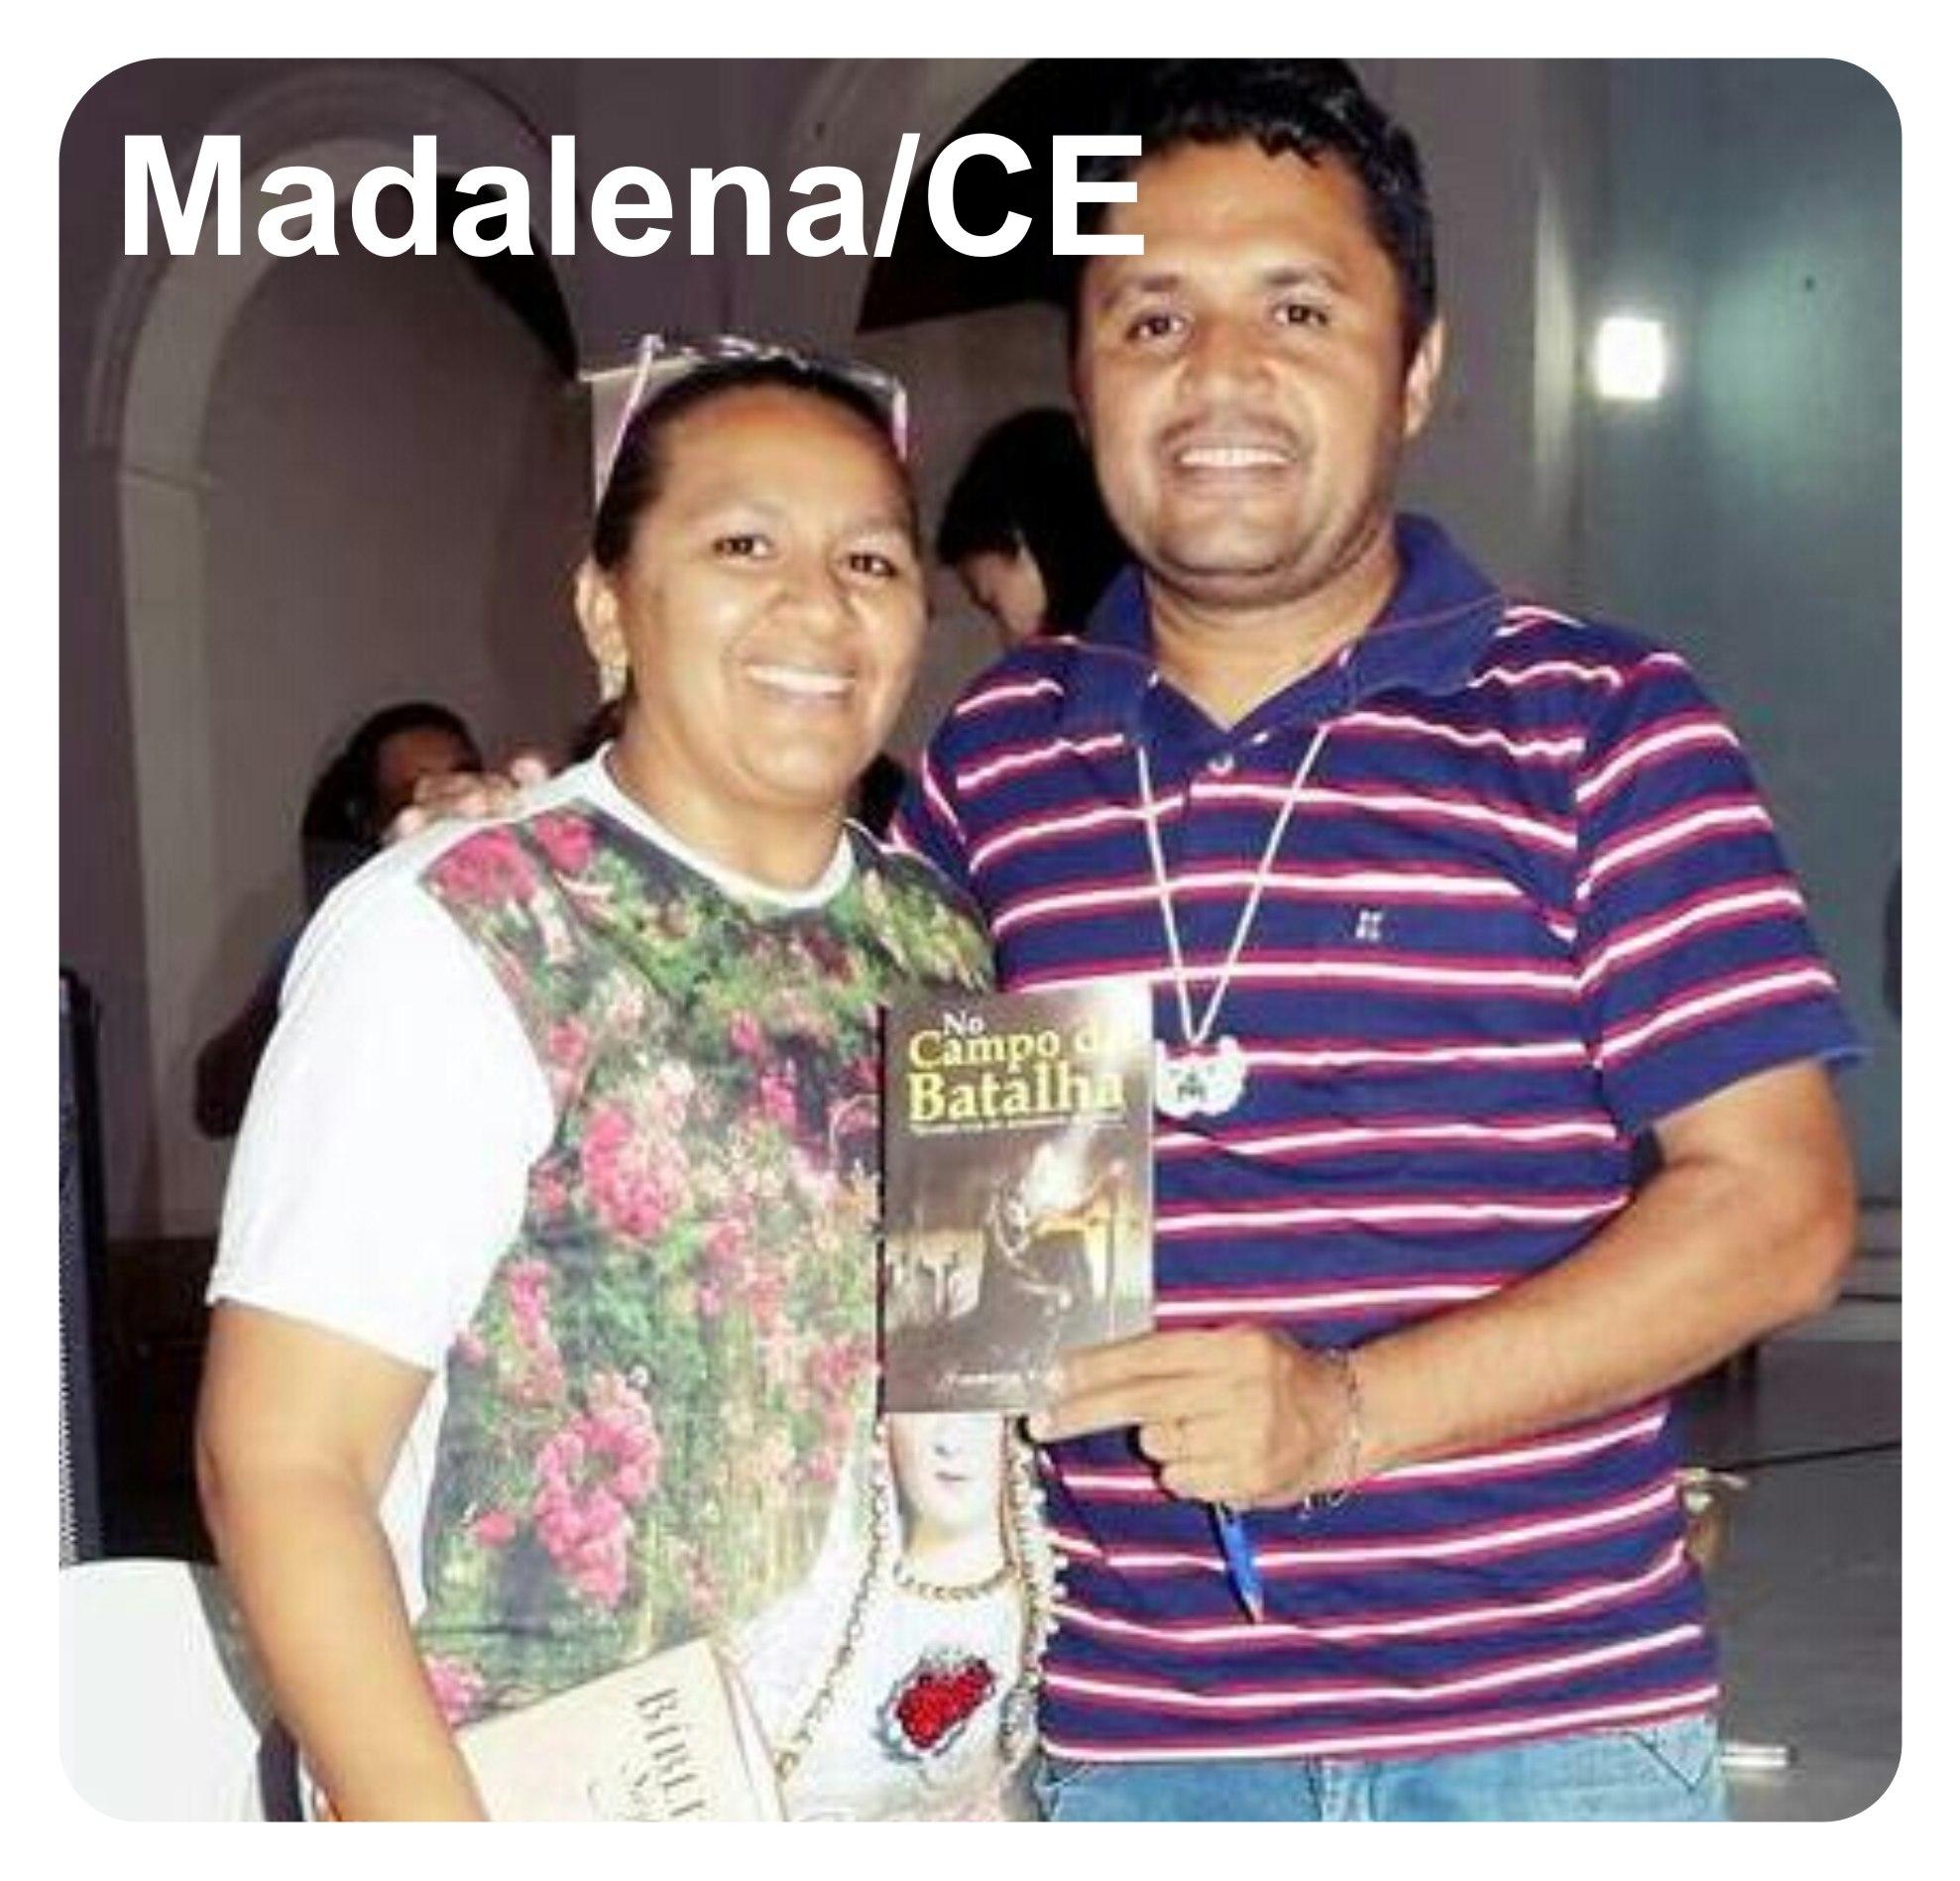 Madalena/CE